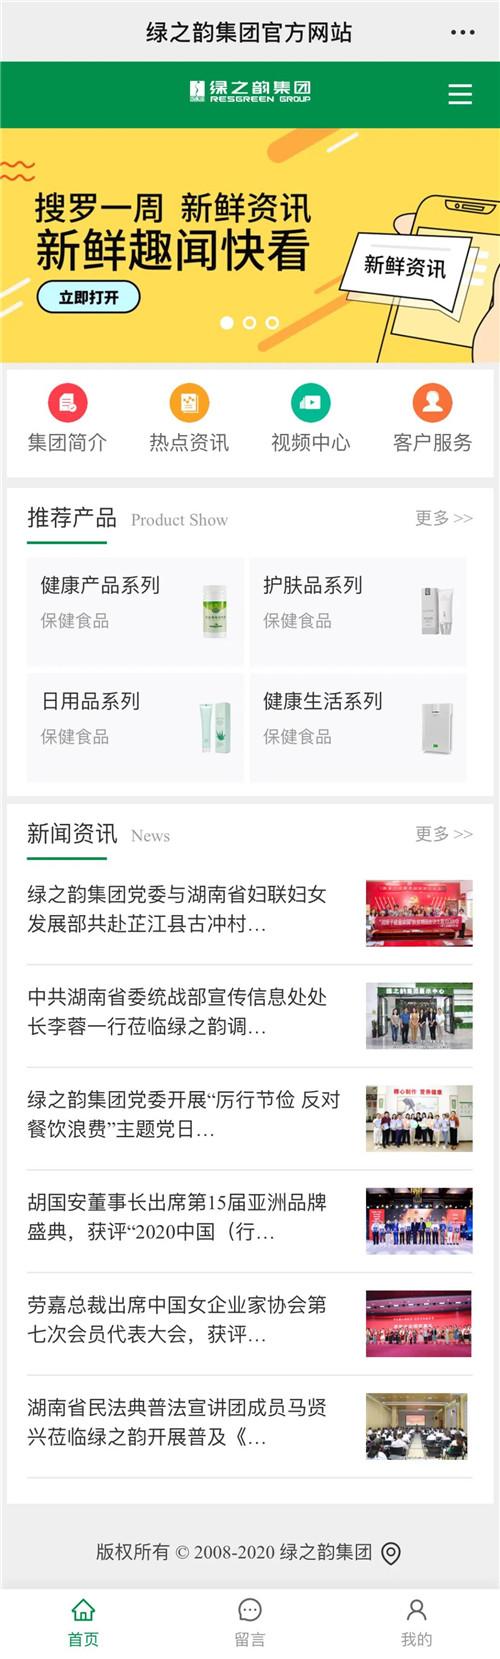 """绿之韵官网全新升级,从""""心""""出发,为市场赋能"""